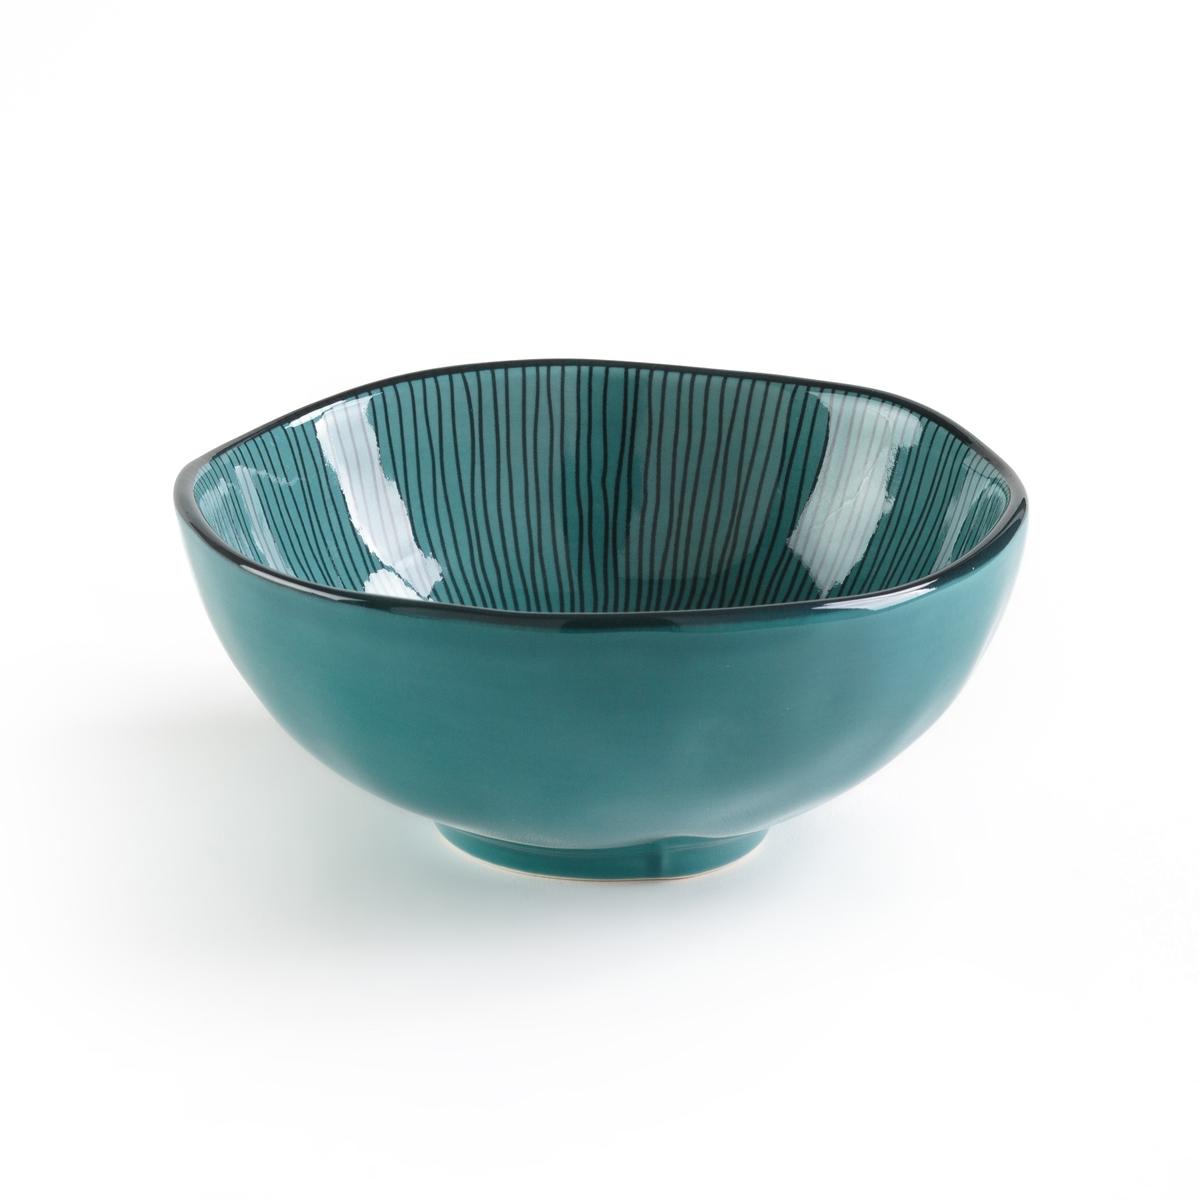 Чаша эмалированная двухцветная SOLJANE (4 шт.)Описание:Комплект из 4 чаш La Redoute Interieurs с рисунком в виде линий с внутренней стороны и контрастным краем. Характеристики 4 чаш •  Эмалированная керамика •  Волнистый контур •  Подходит для мытья в посудомоечной машинеРазмеры 4 чаш •  Диаметр: 14 см •  Высота : 5 смВсю коллекцию столового декора вы найдете на сайте laredoute.<br><br>Цвет: голубой,сине-зеленый